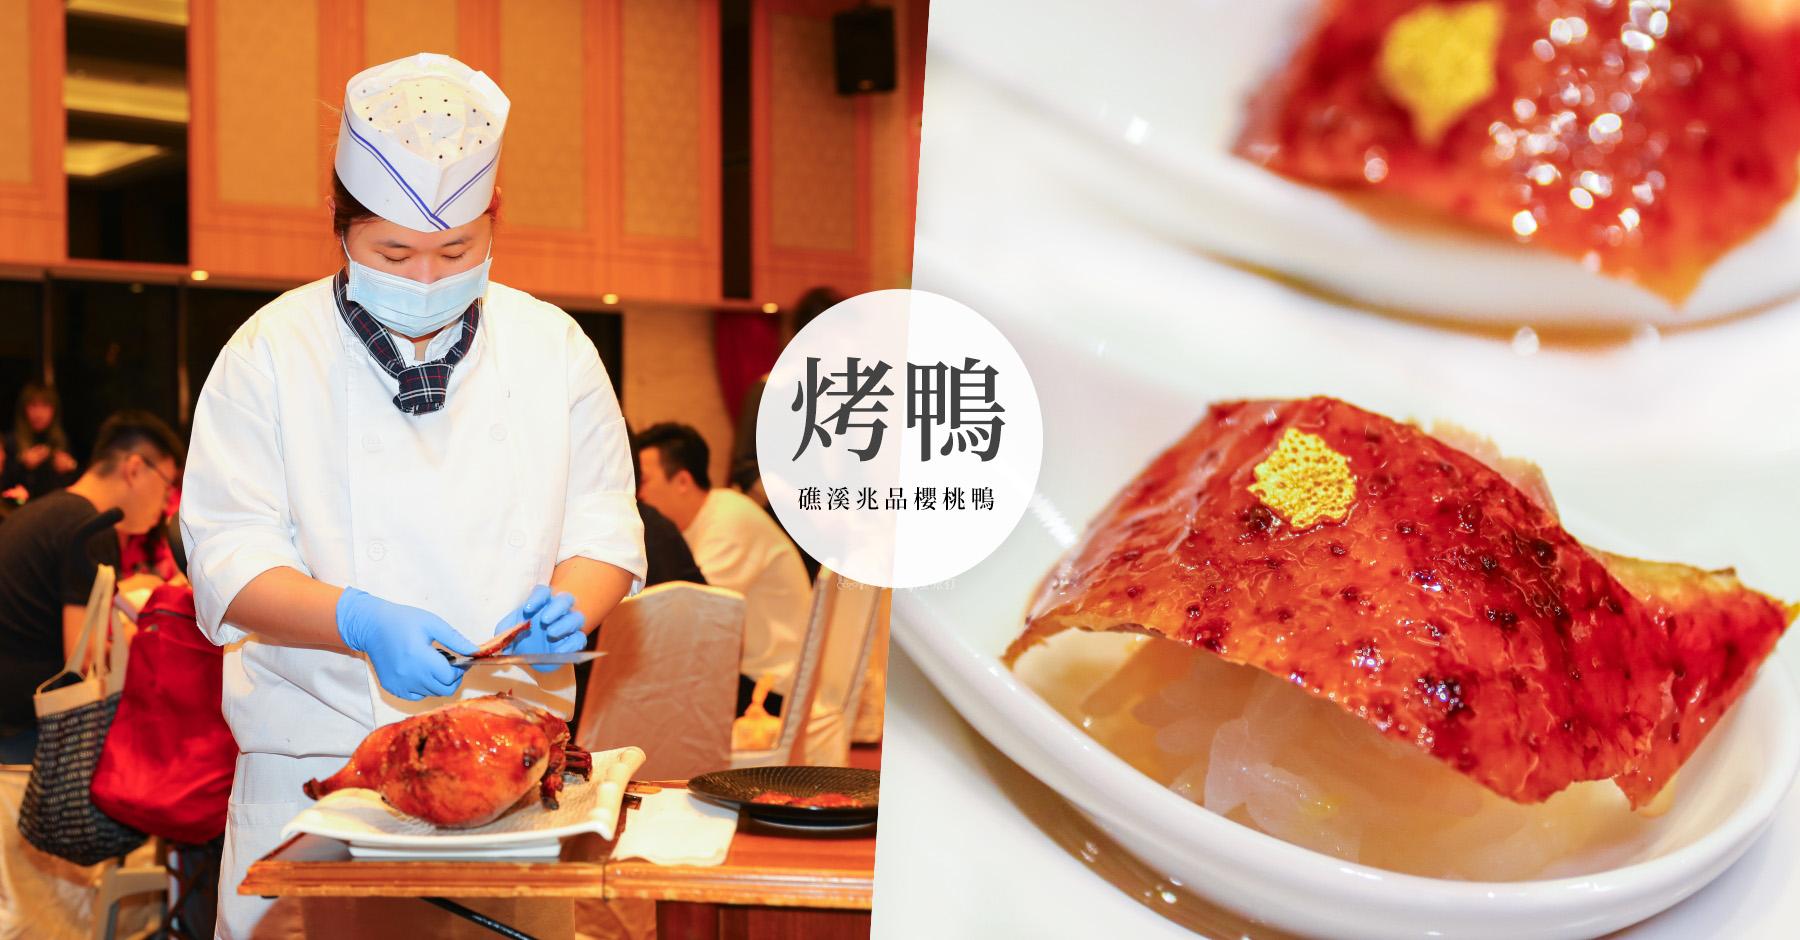 宜蘭櫻桃鴨推薦 礁溪兆品初食軒烤鴨餐廳 櫻桃鴨握壽司廣式一品鴨餐券菜單